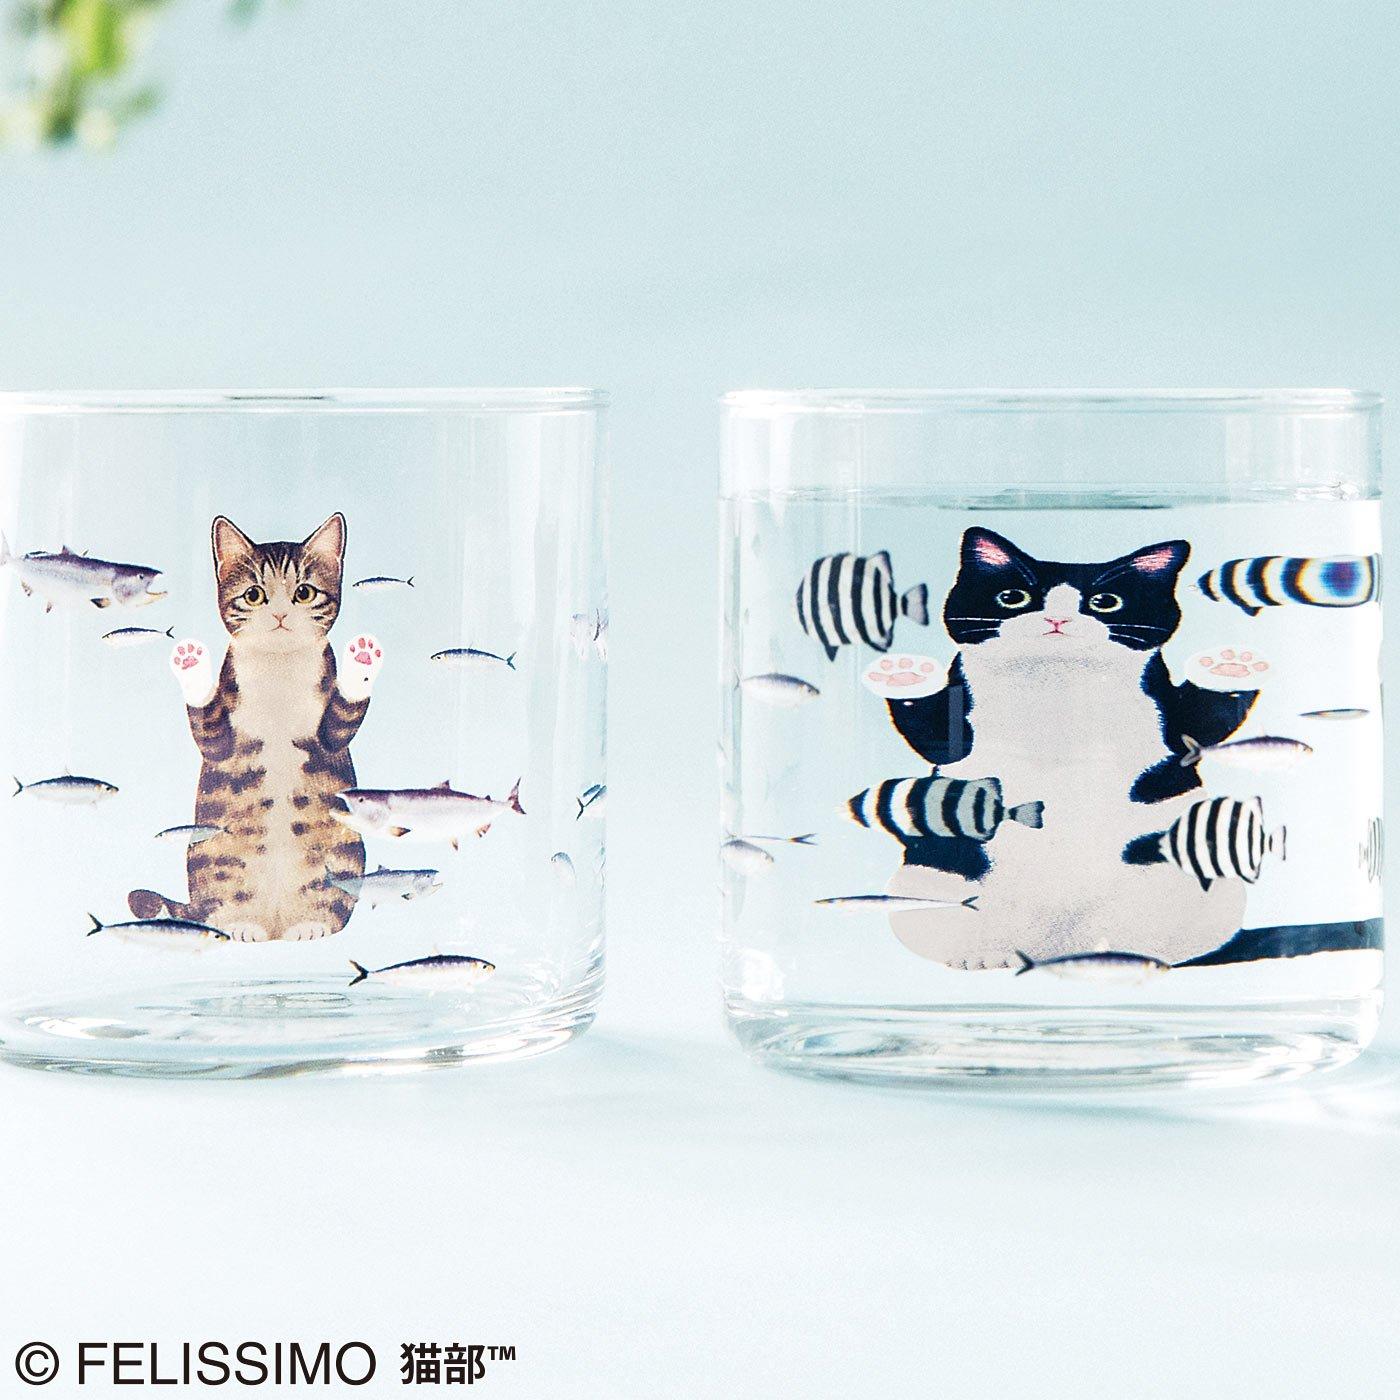 【2個セット初回お試し】おいしそうだニャ~ 猫さん夢の水族館グラスの会